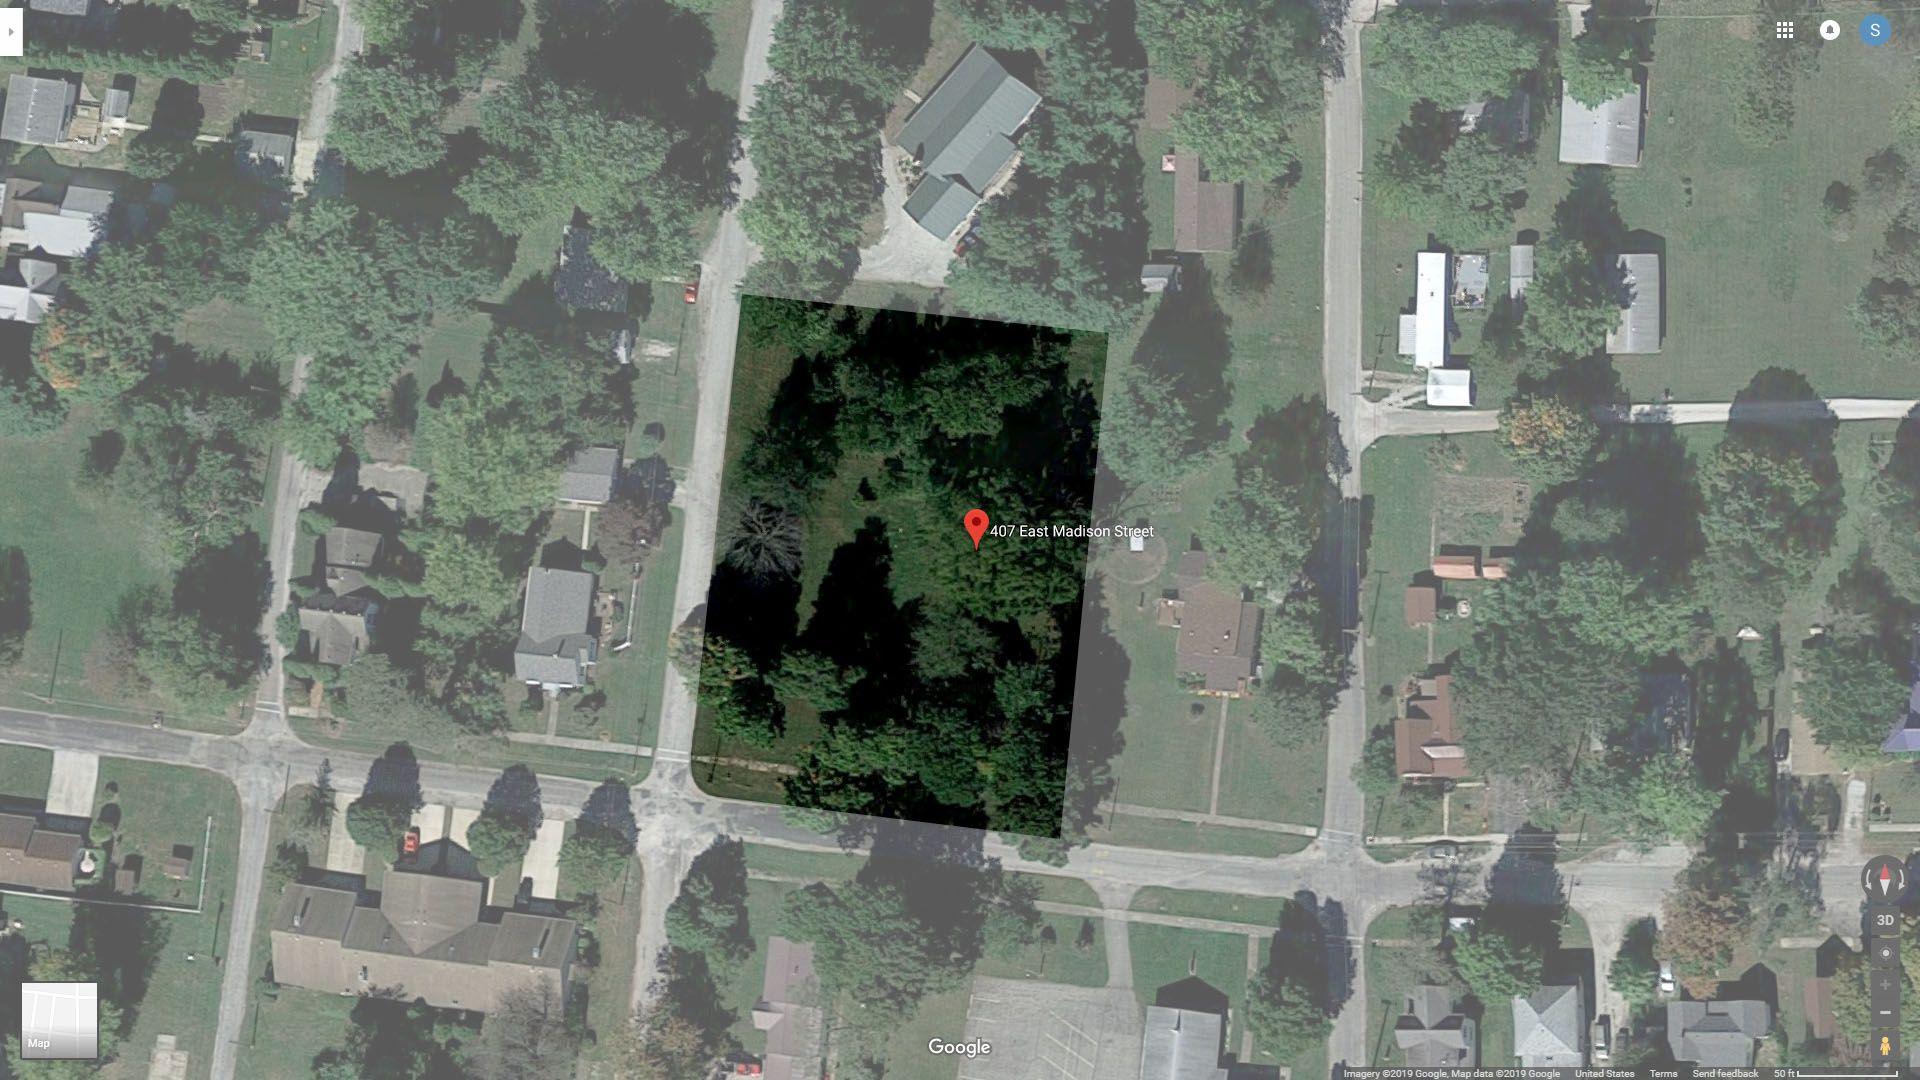 407 E Madison St Arcola Il 61910 Lot Land Trulia